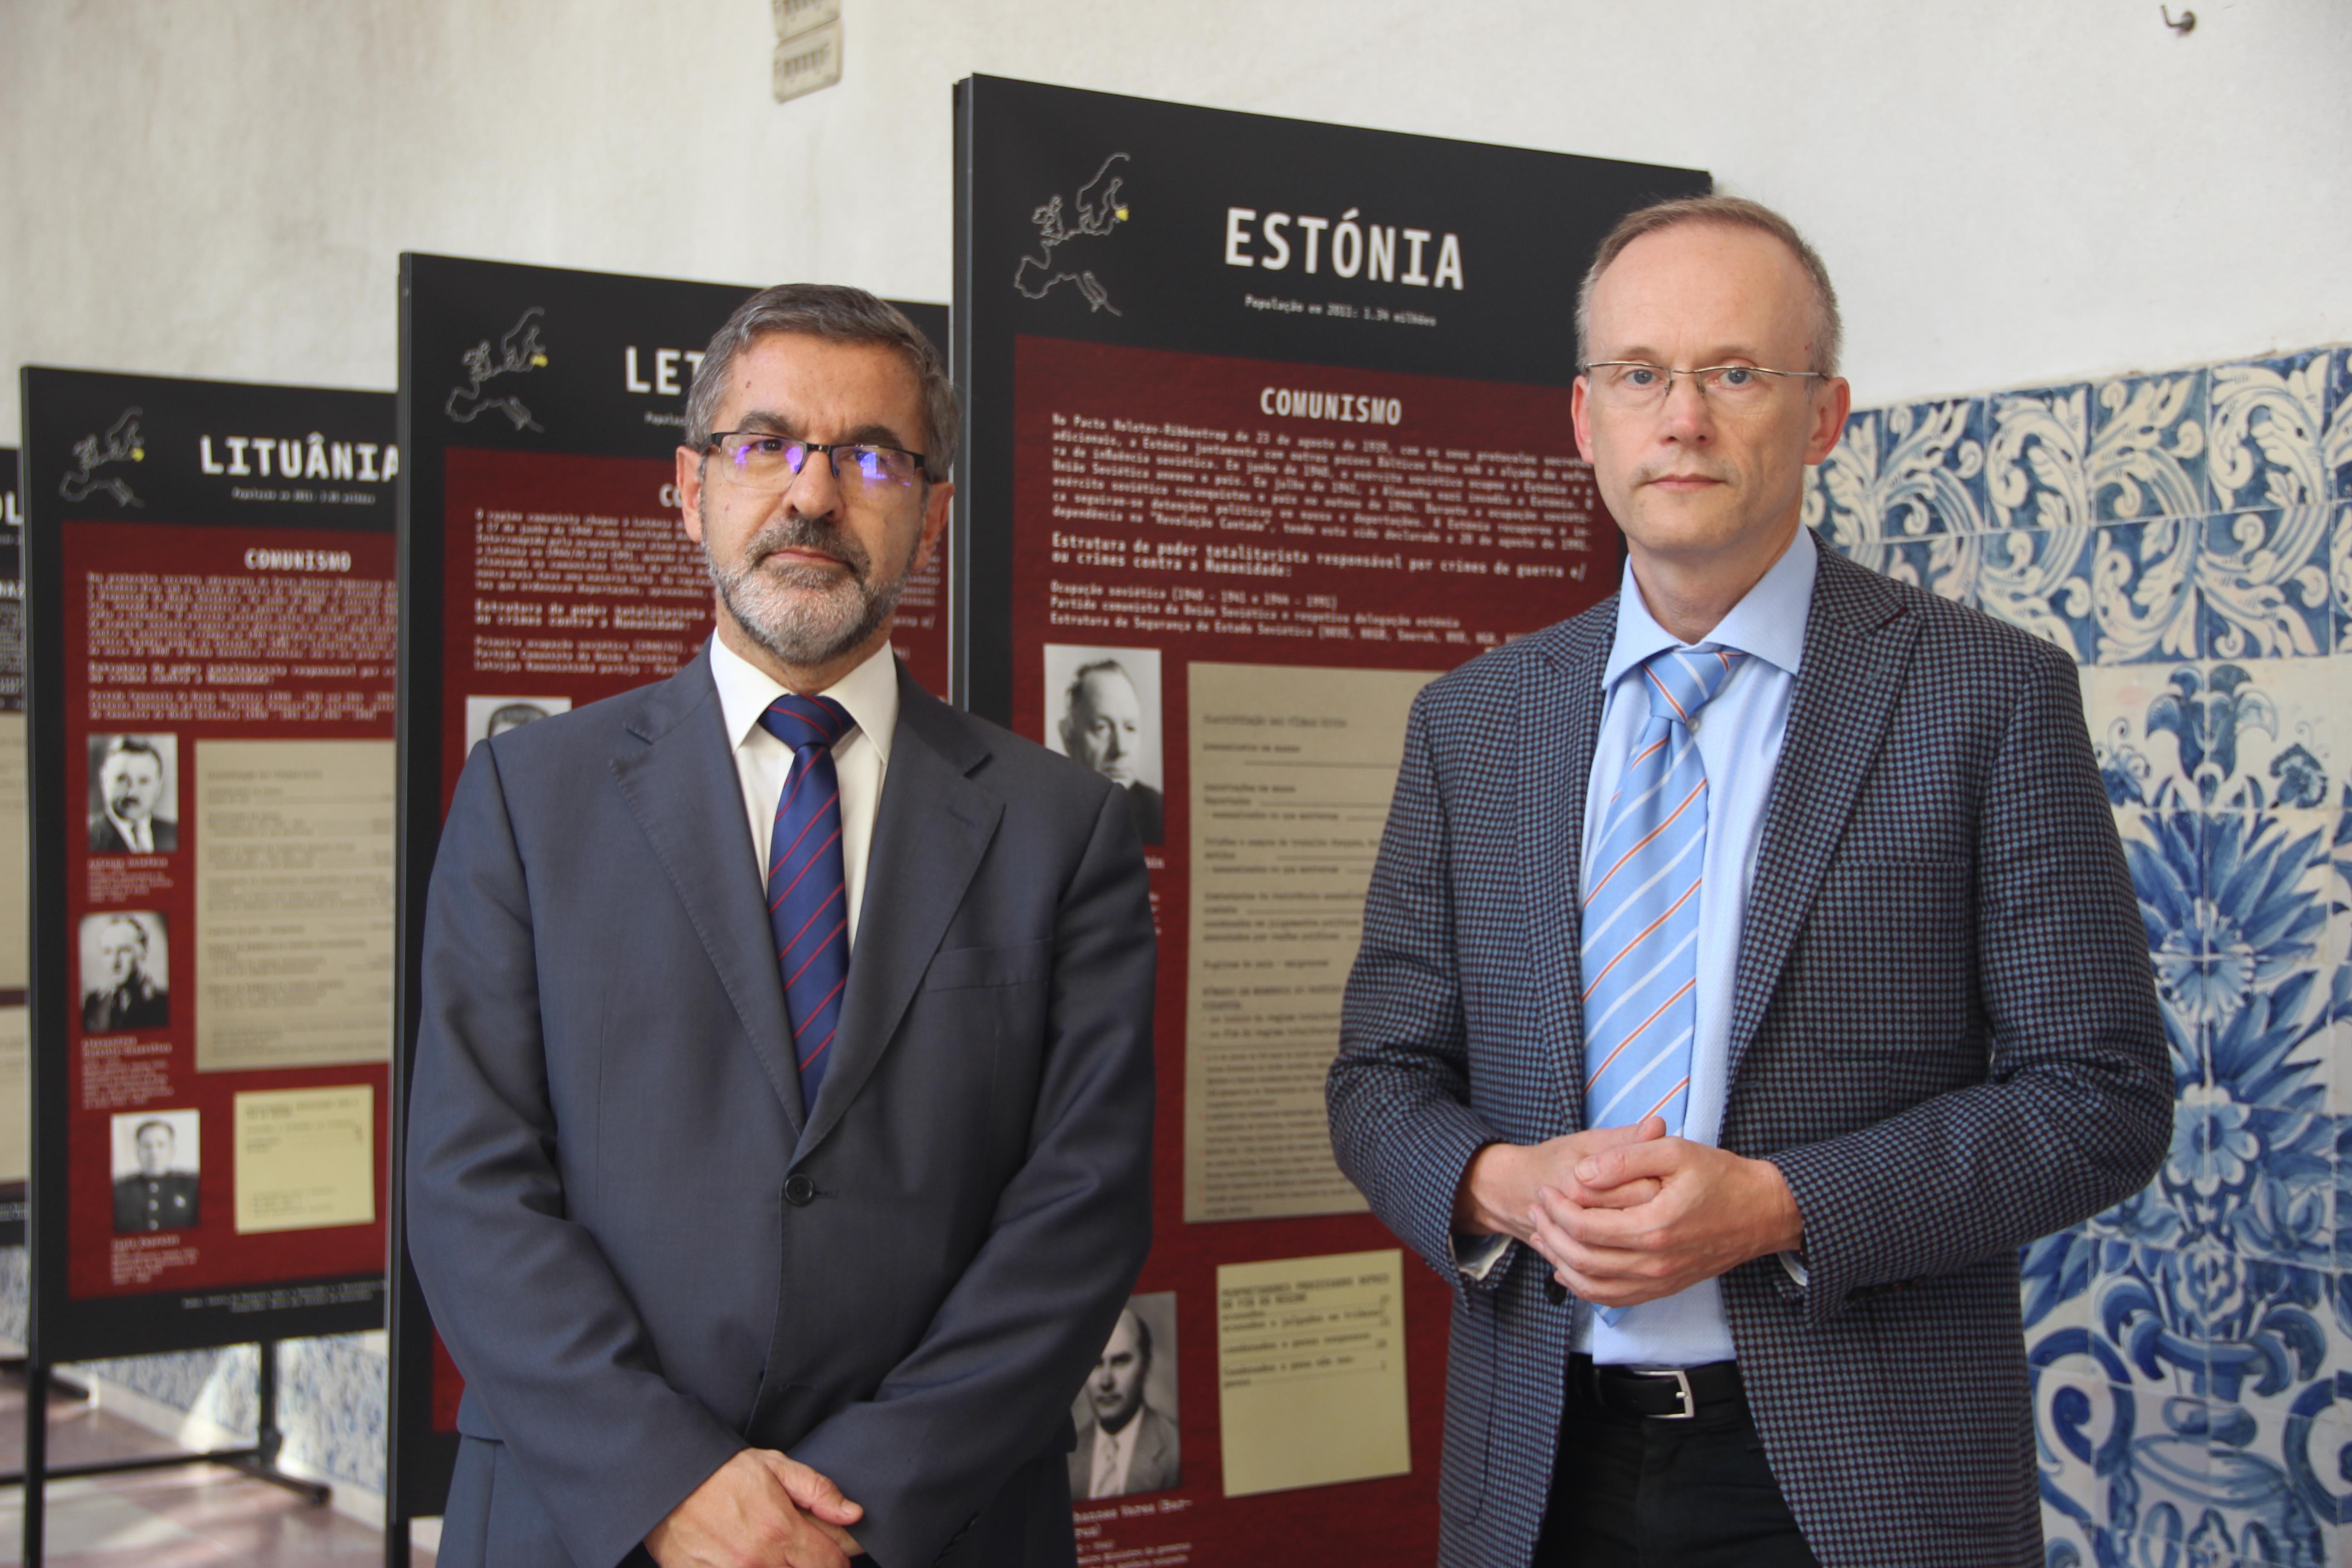 Jónatas Machado e Lukasz Kaminski durante a inauguração da exposição.